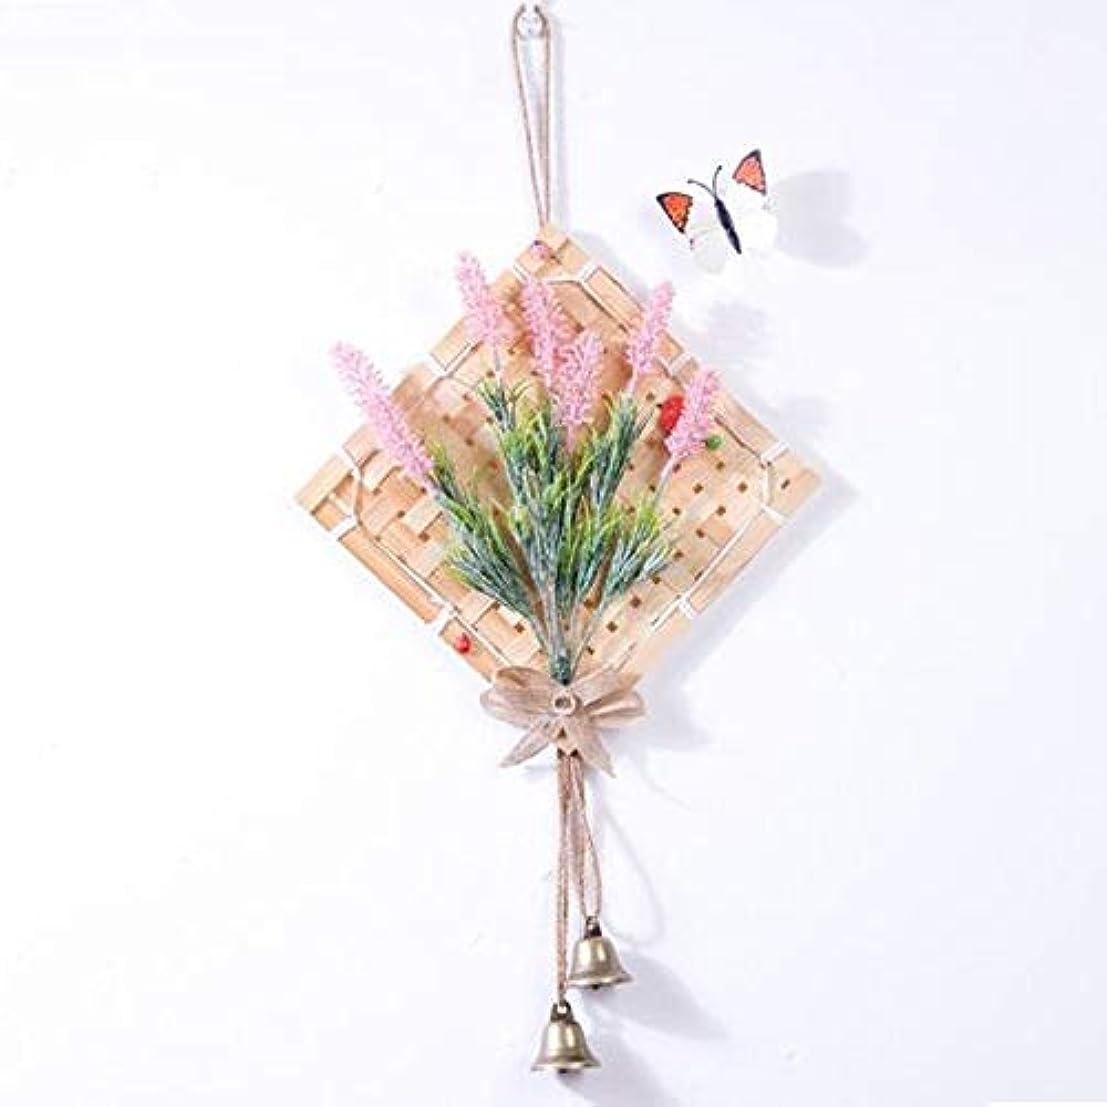 平凡安らぎ綺麗なJingfengtongxun 風チャイム、クリエイティブ?竹風チャイム、白、幅28.5cmくらい,スタイリッシュなホリデーギフト (Color : Pink)